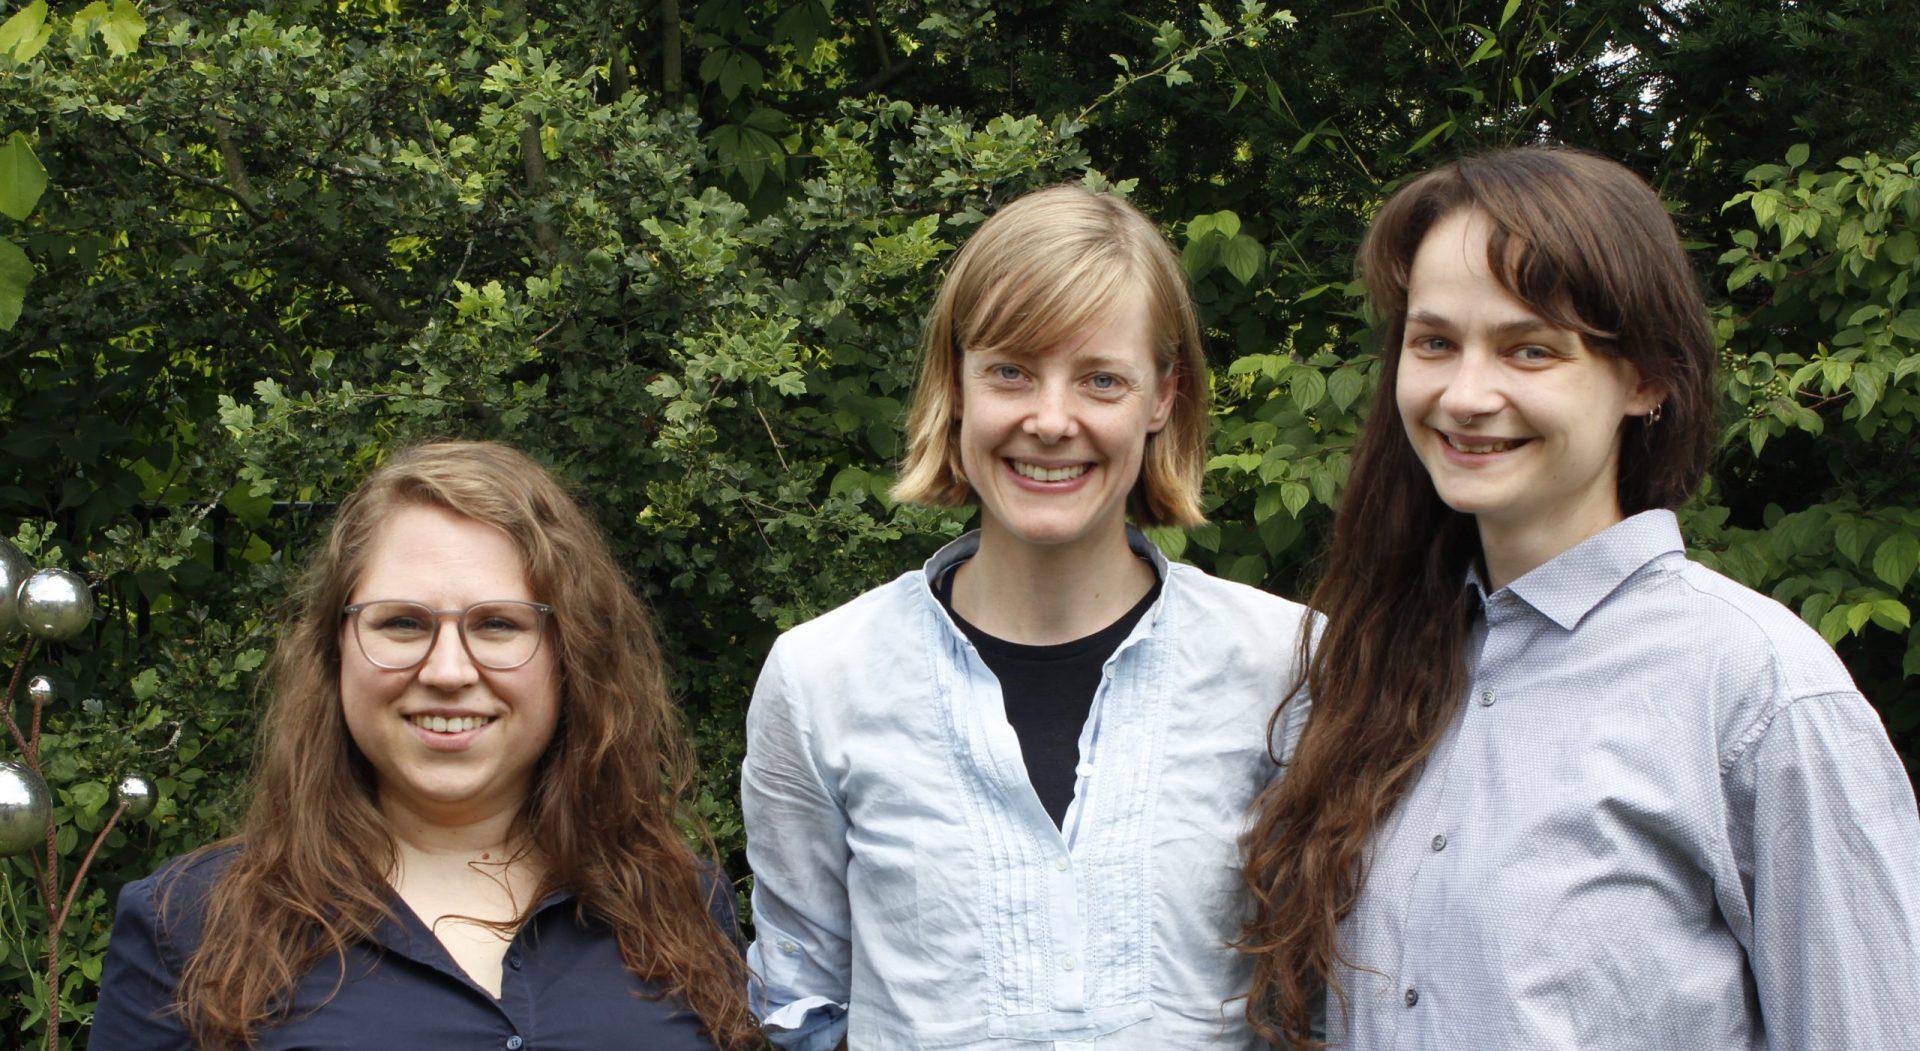 Die Sprecherinnen der Fachgruppe Textil (von links): Nadine Schönhütte, Kerstin Heitmann und Vanessa Schmitt